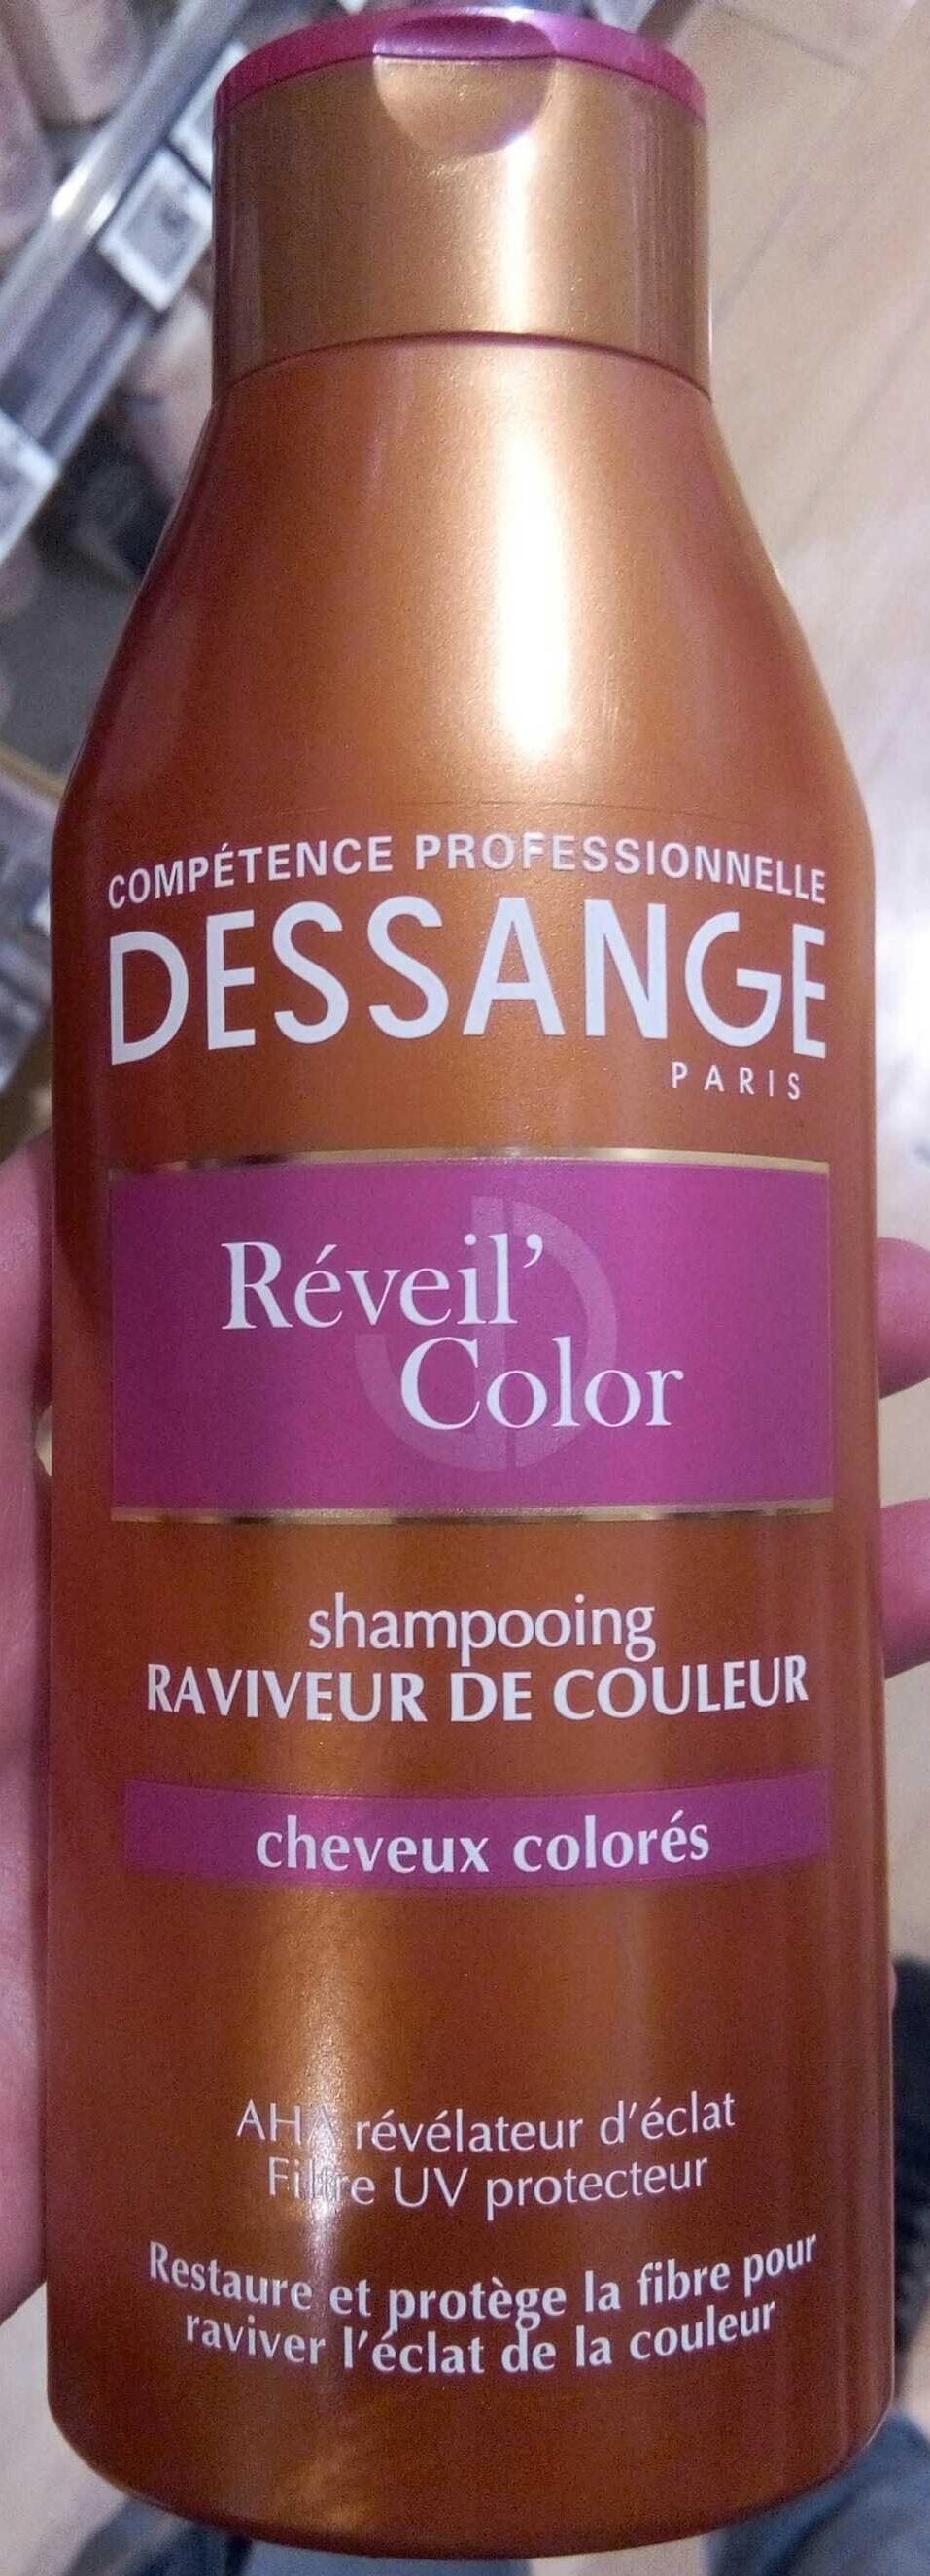 Shampooing raviveur de couleur, Cheveux colorés - Product - fr